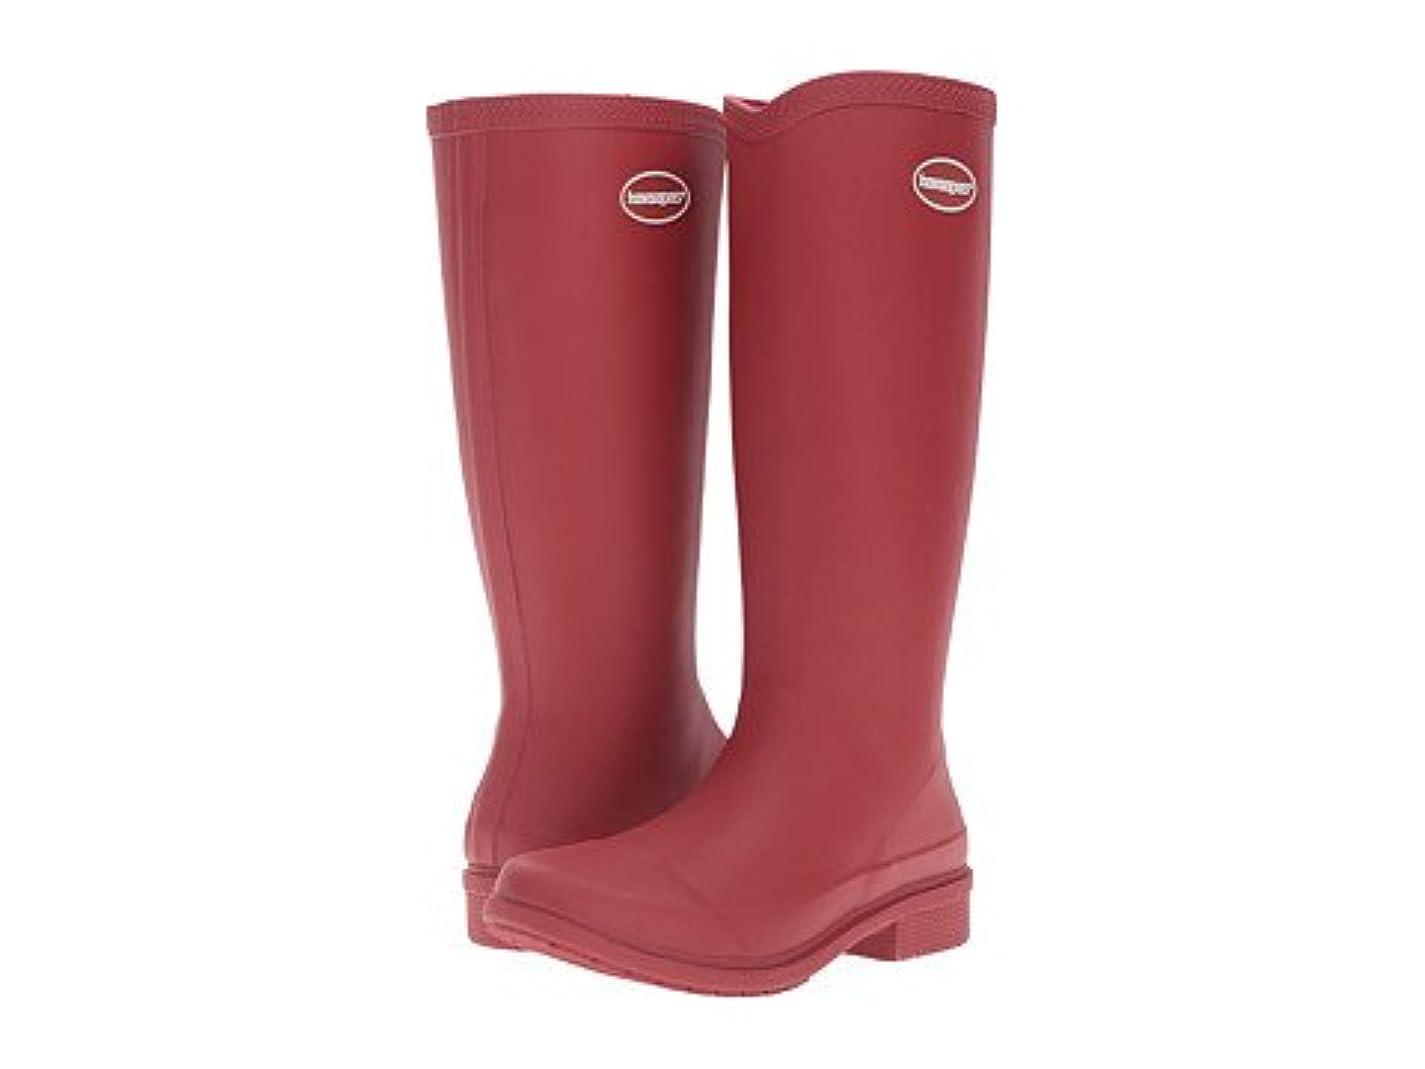 利用可能ブラシ受取人(ハワイアナス)Havaianas レディースブーツ?靴 Galochas Hi Matte Rain Boot Ruby Red US Women's 5 22cm M [並行輸入品]